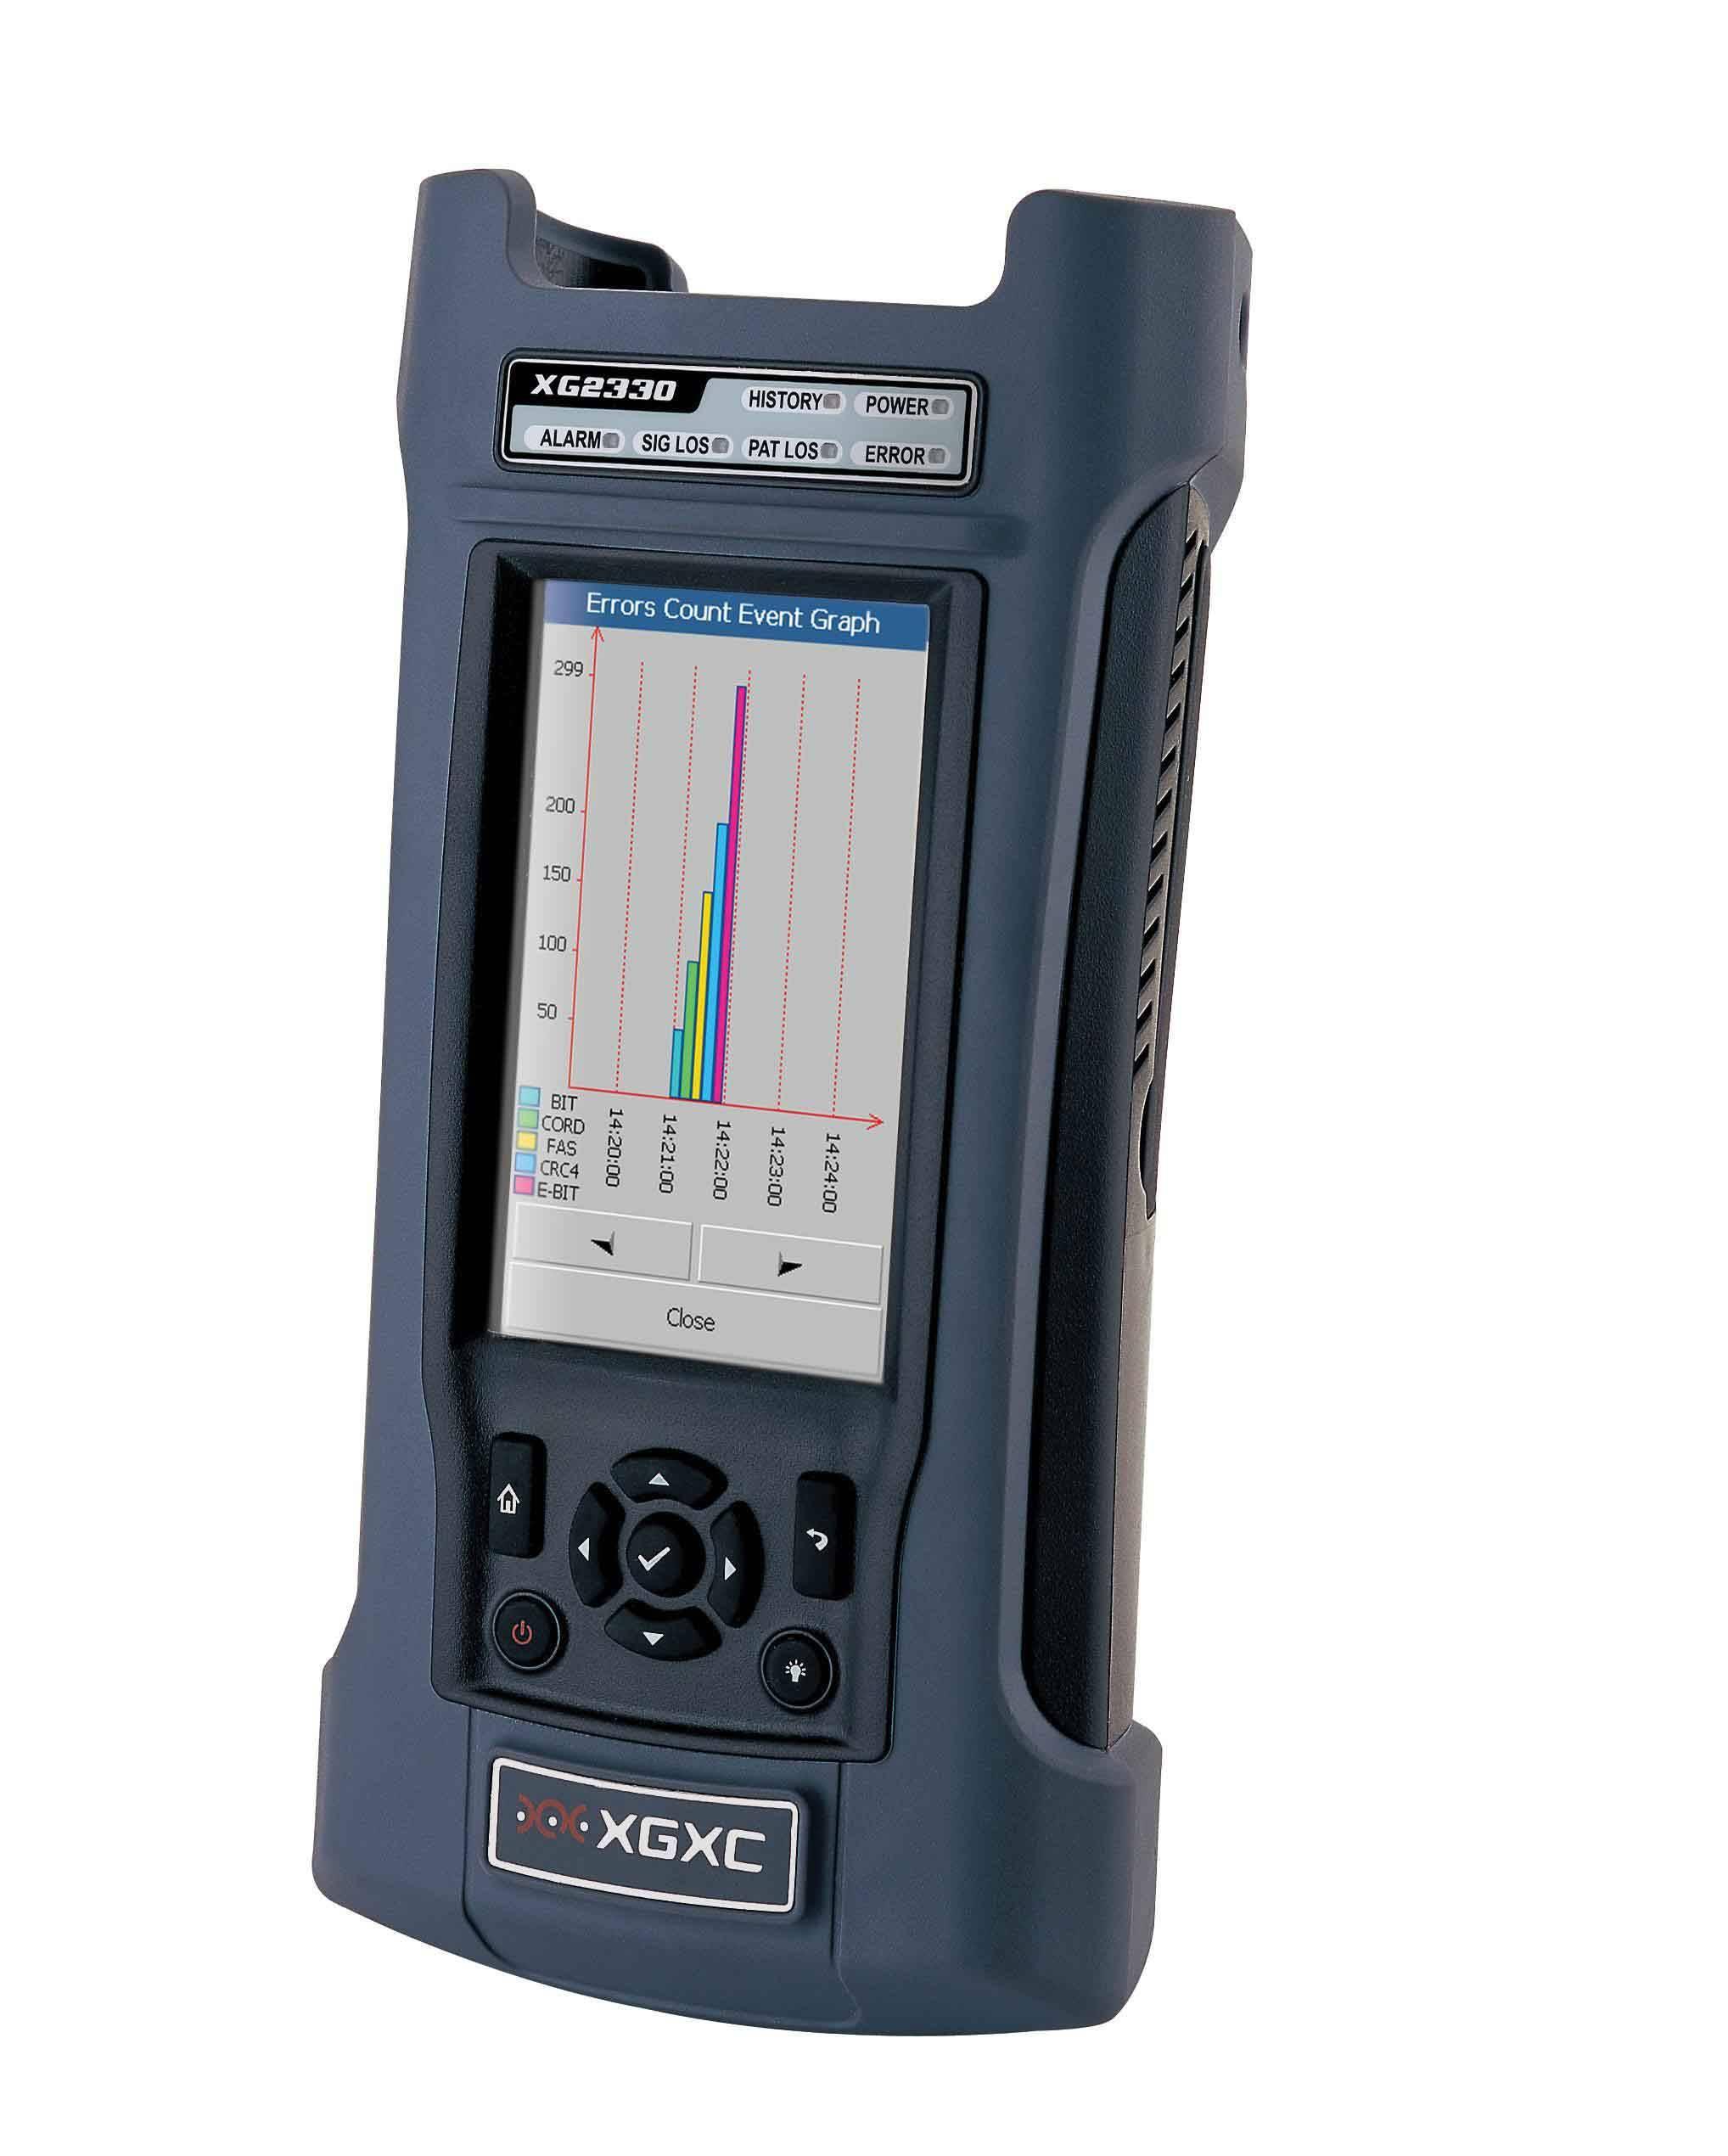 XG2330 E1/Datacom BER Tester